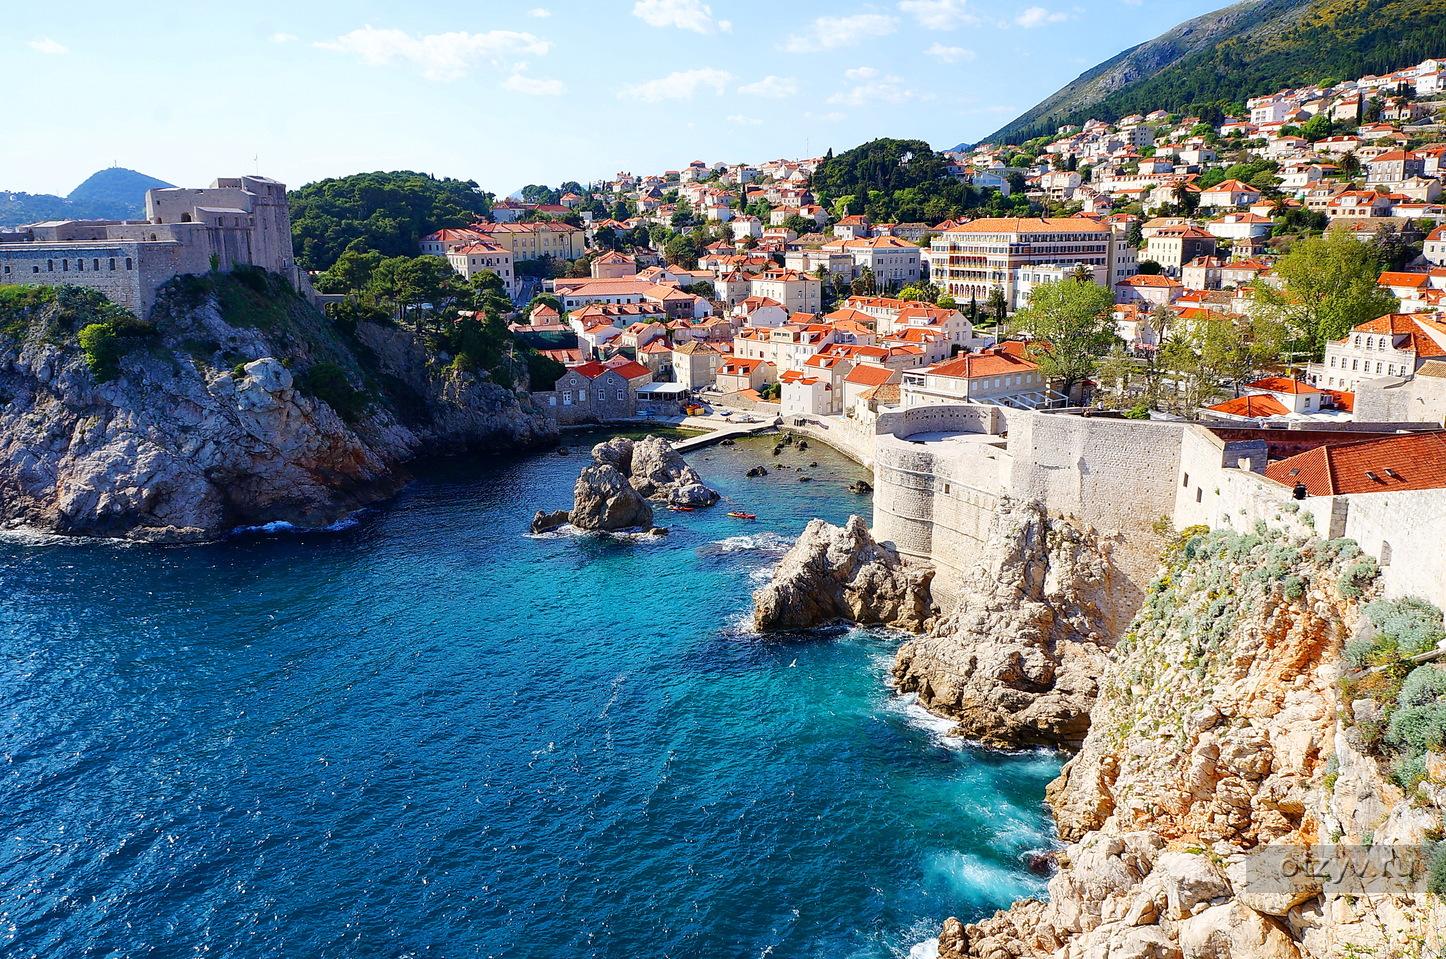 Бывшая столица римской провинции Далмация, город Сплит - второй по населению в Хорватии